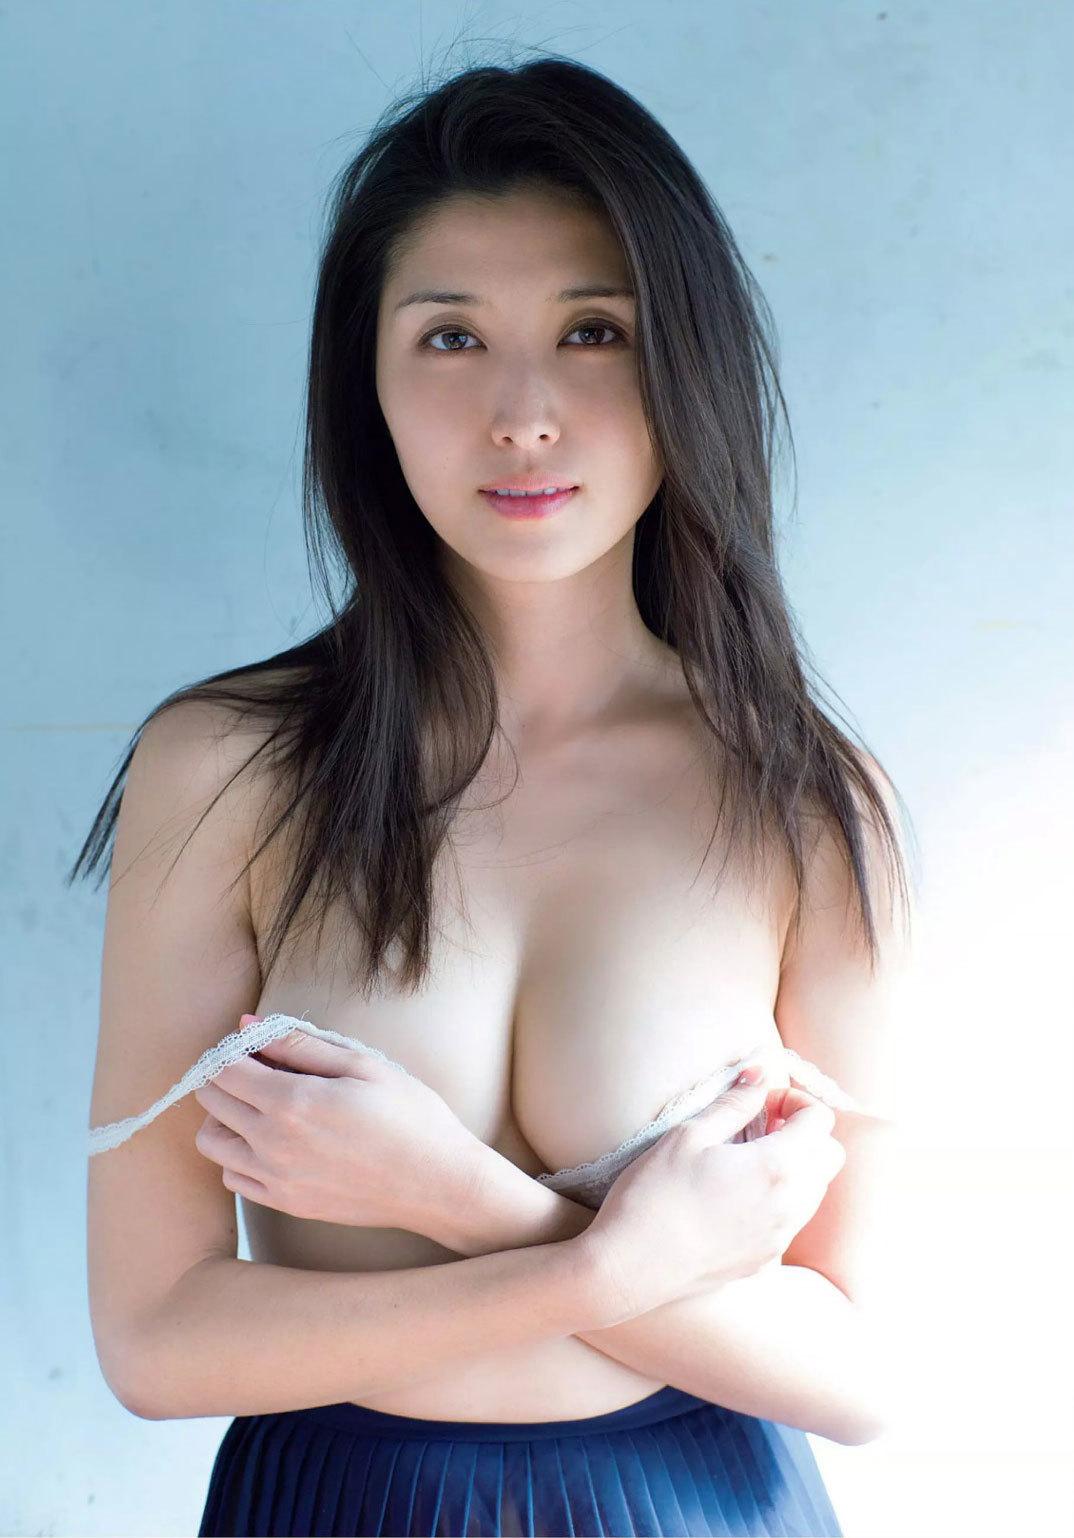 橋本マナミ 妖艶ストリッパー愛人ノーブラおっぱいセクシー画像